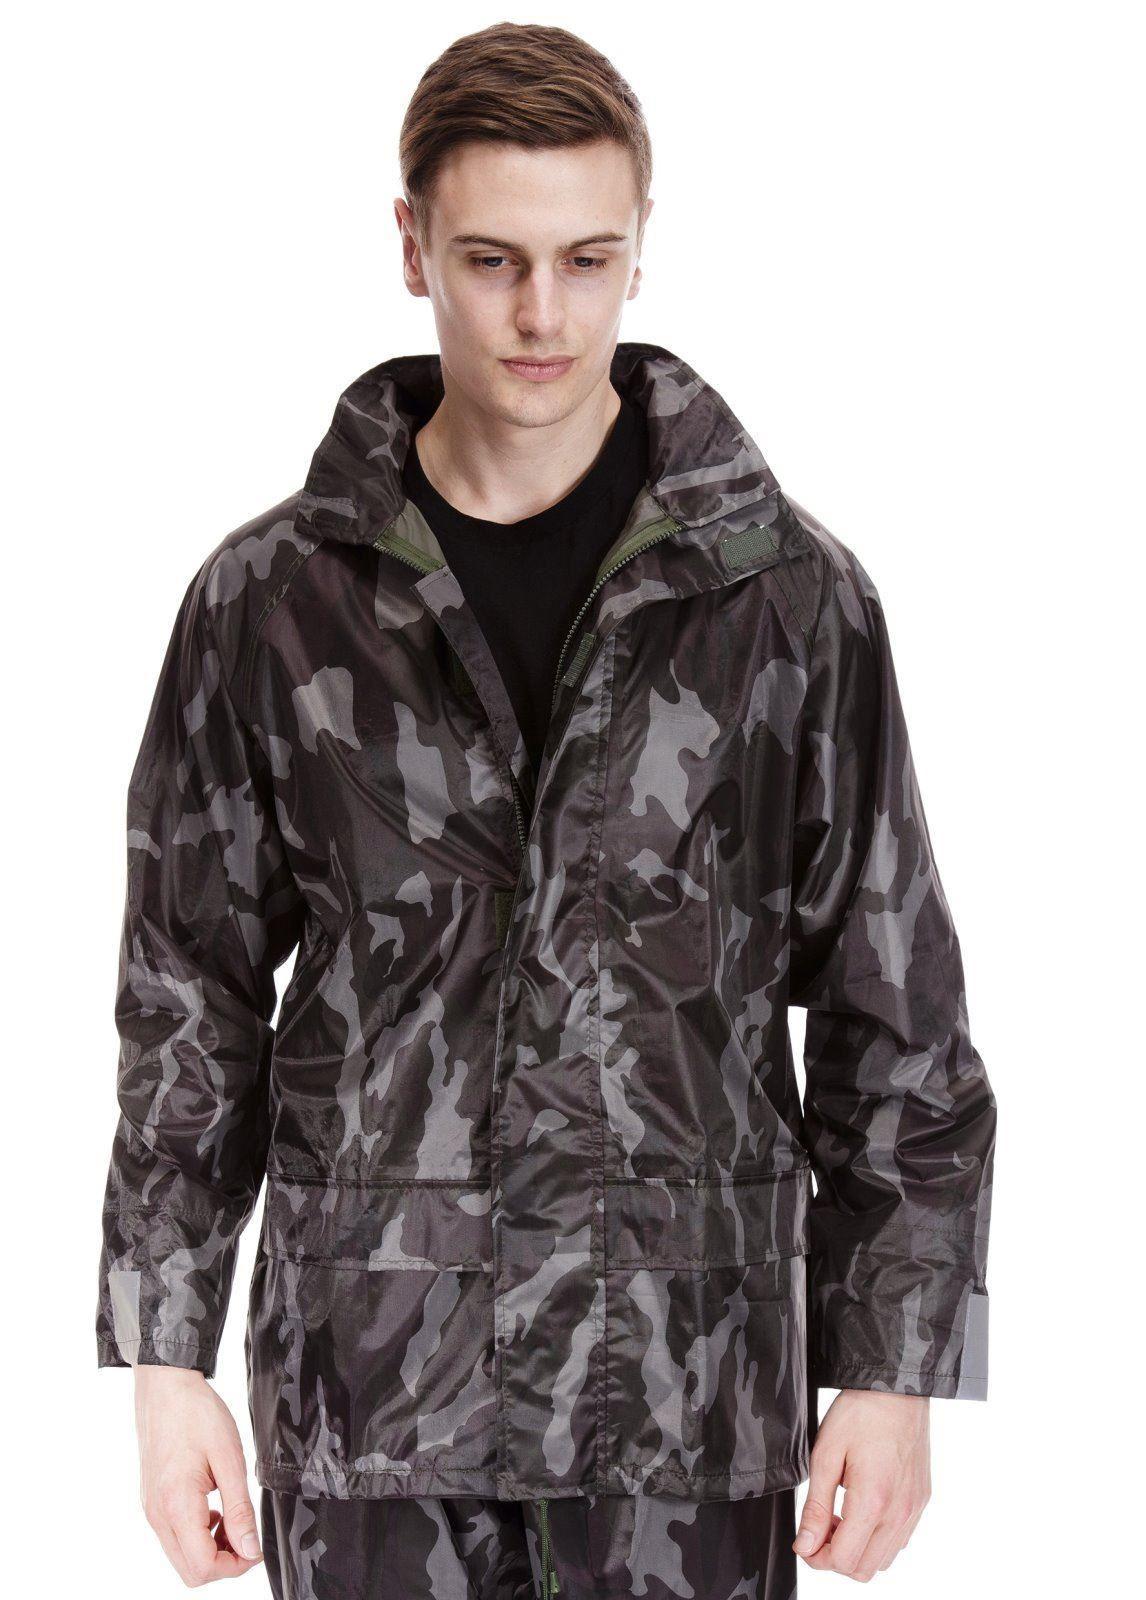 homme veste manteau imperm able coupe vent camo camouflage chasseurs p che ebay. Black Bedroom Furniture Sets. Home Design Ideas